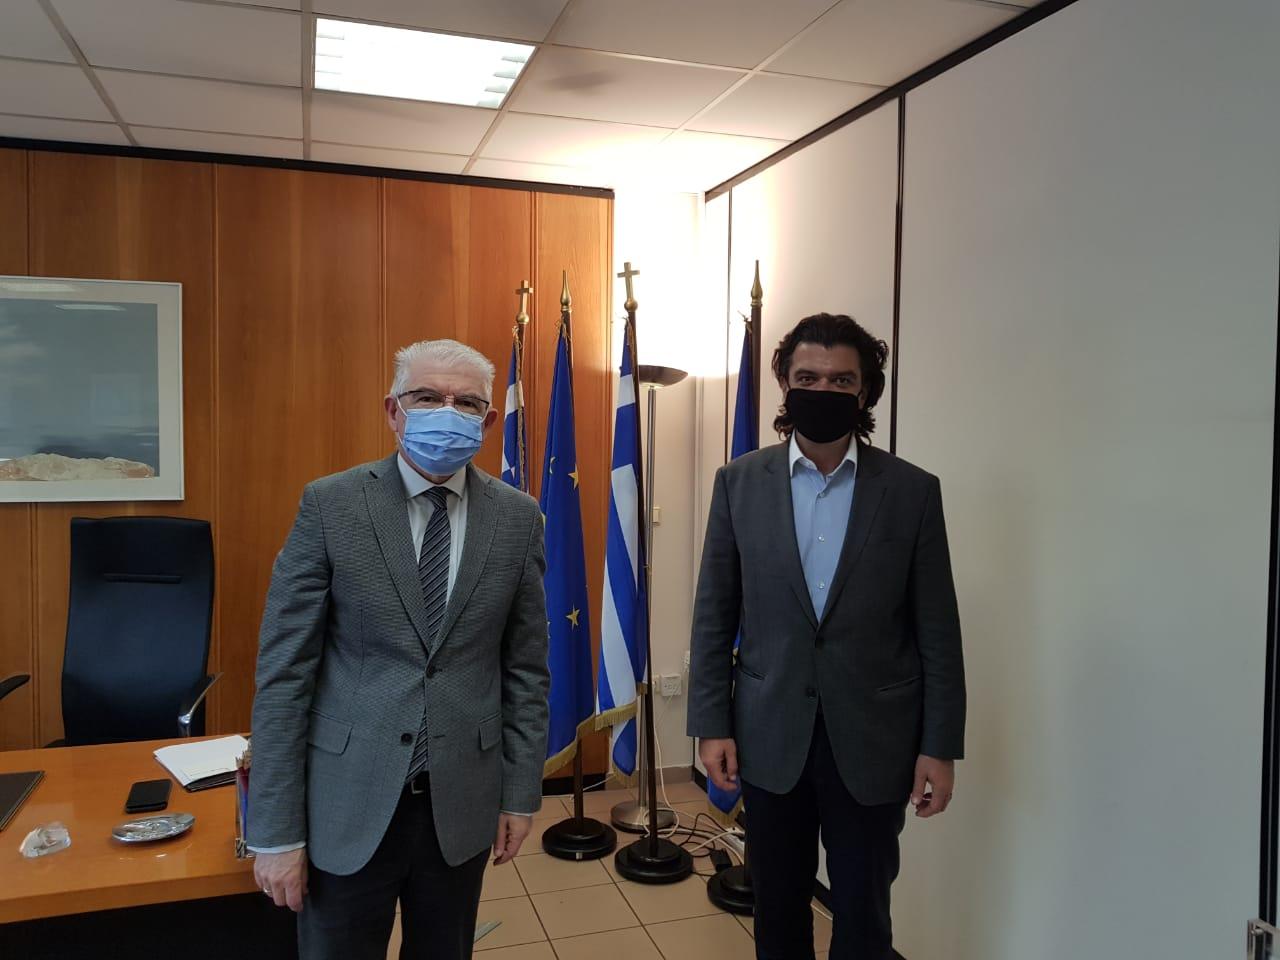 Συνάντηση του Βουλευτή Ανδρέα Πάτση, με τον Πρόεδρο ΕΛΓΑ κ.Ανδρέα Λυκουρέντζο